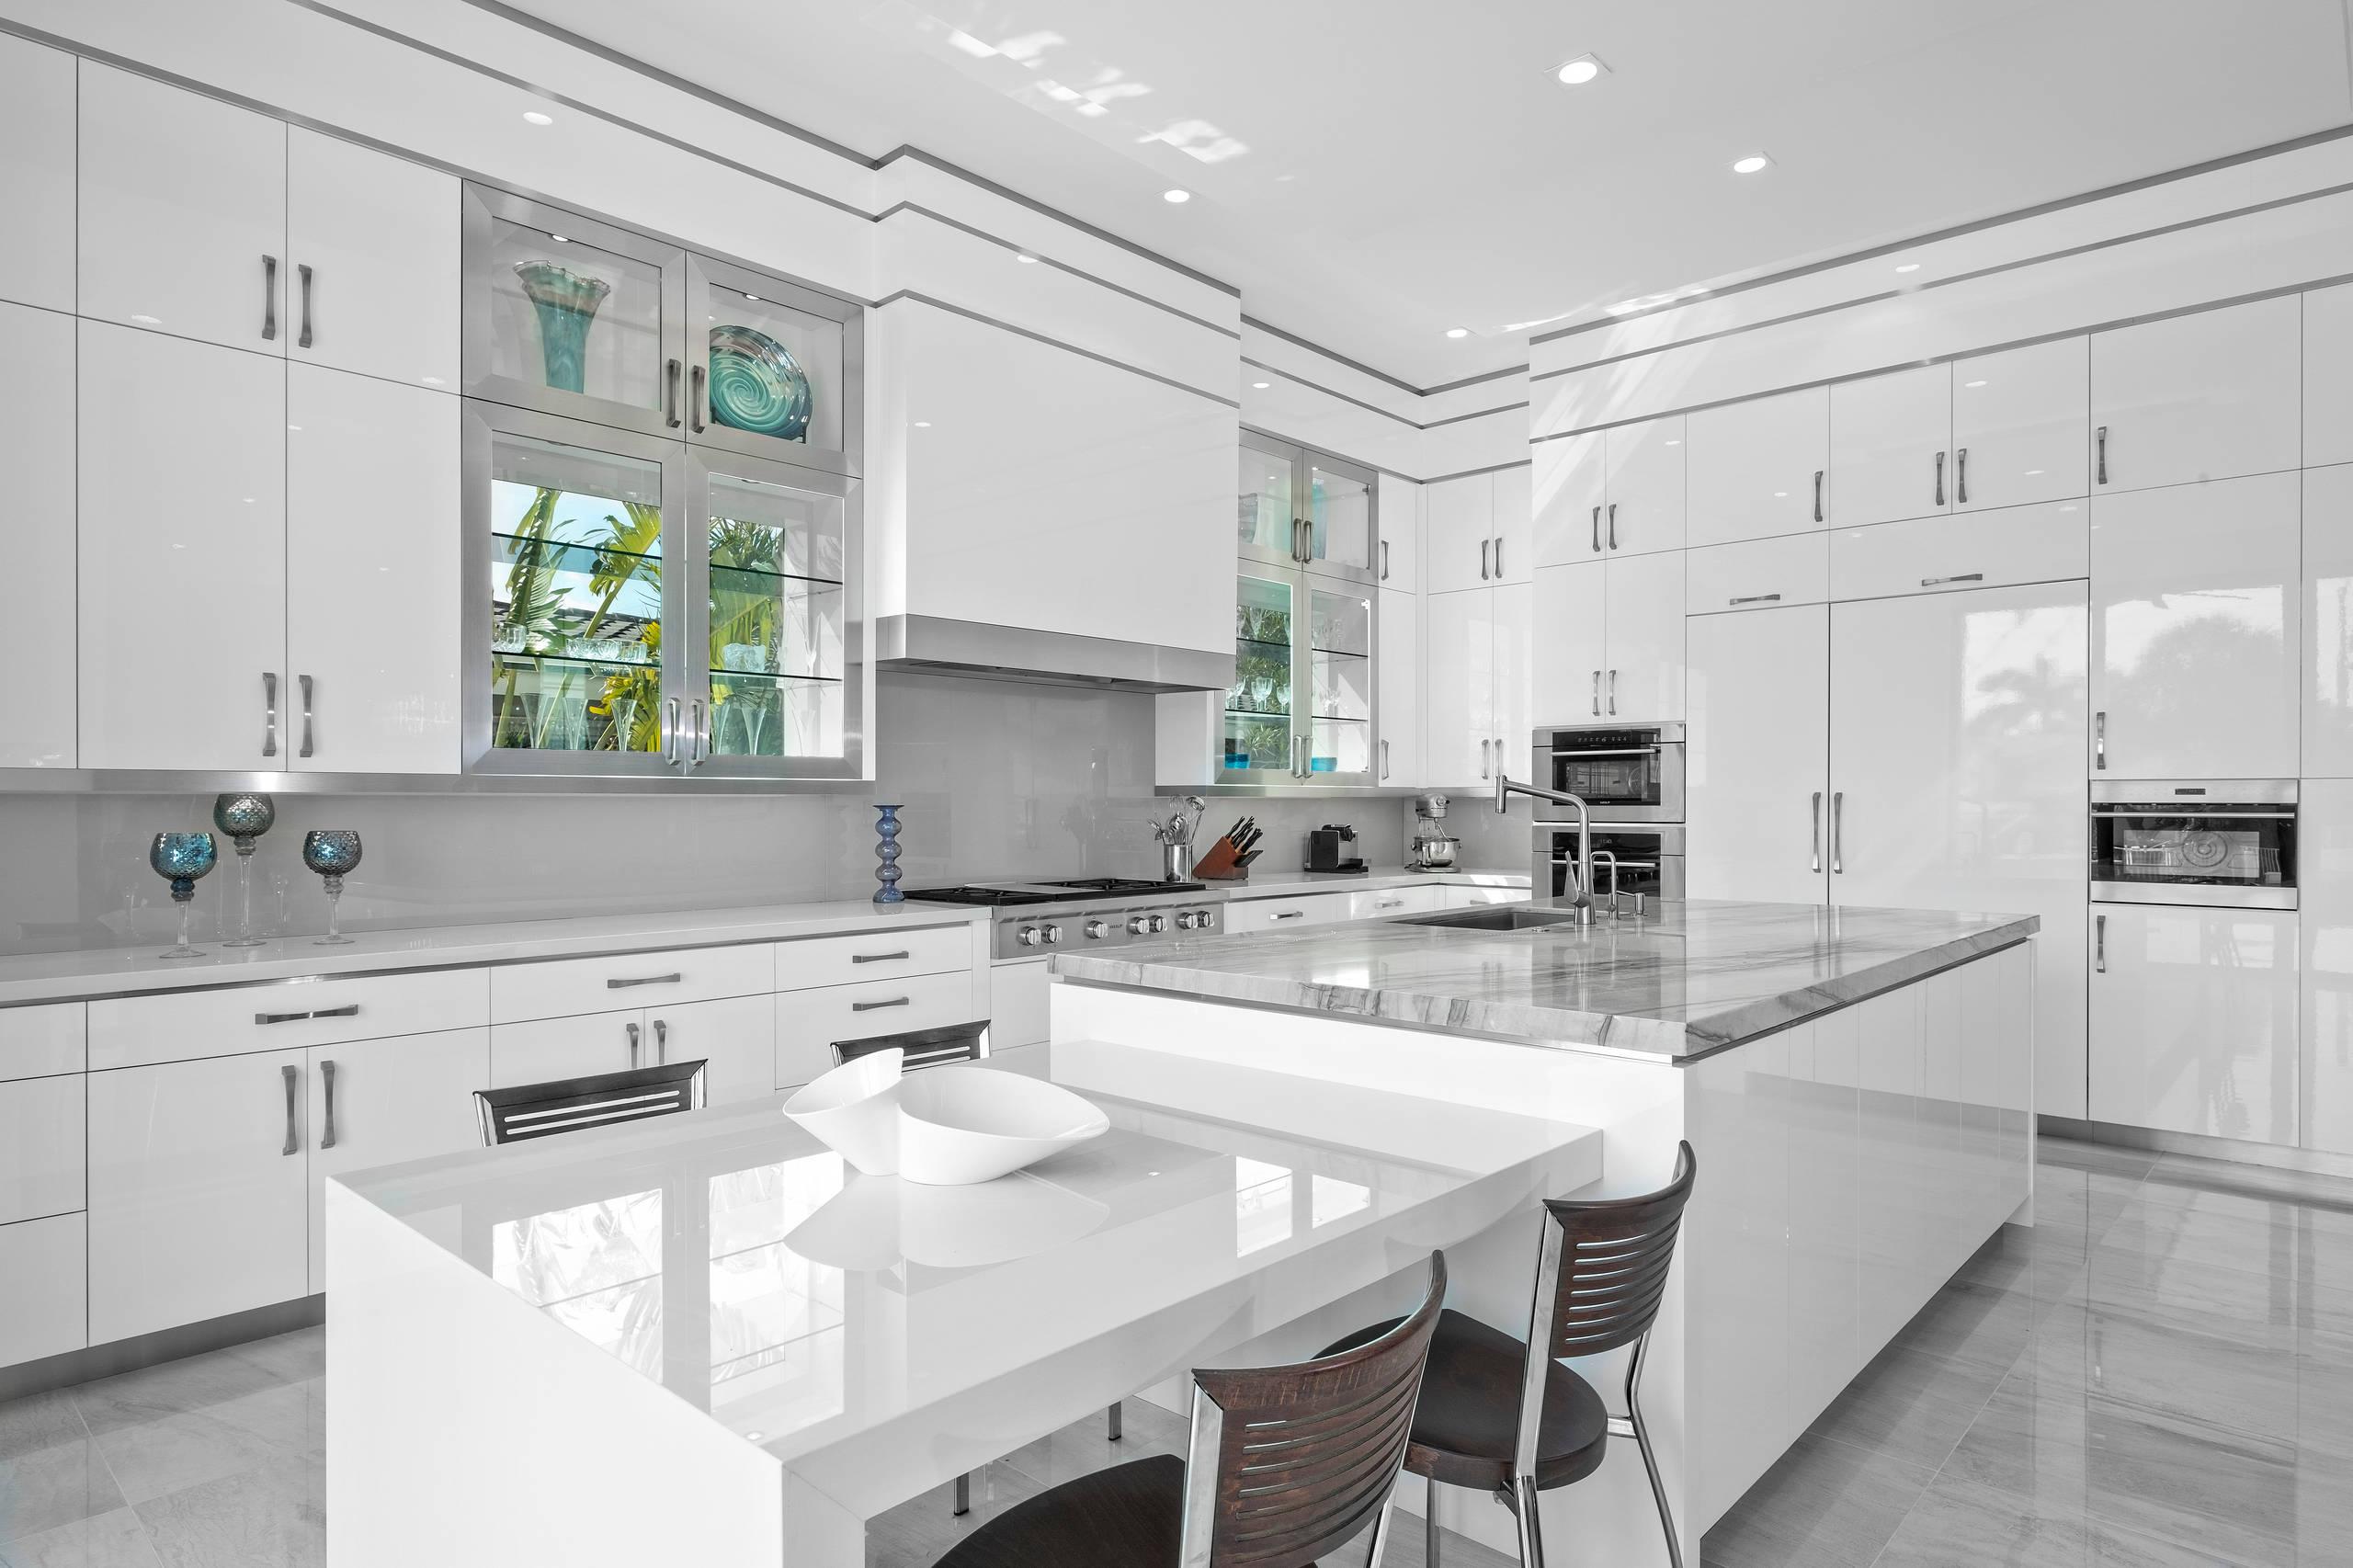 South Florida Kitchen Ideas & Photos   Houzz